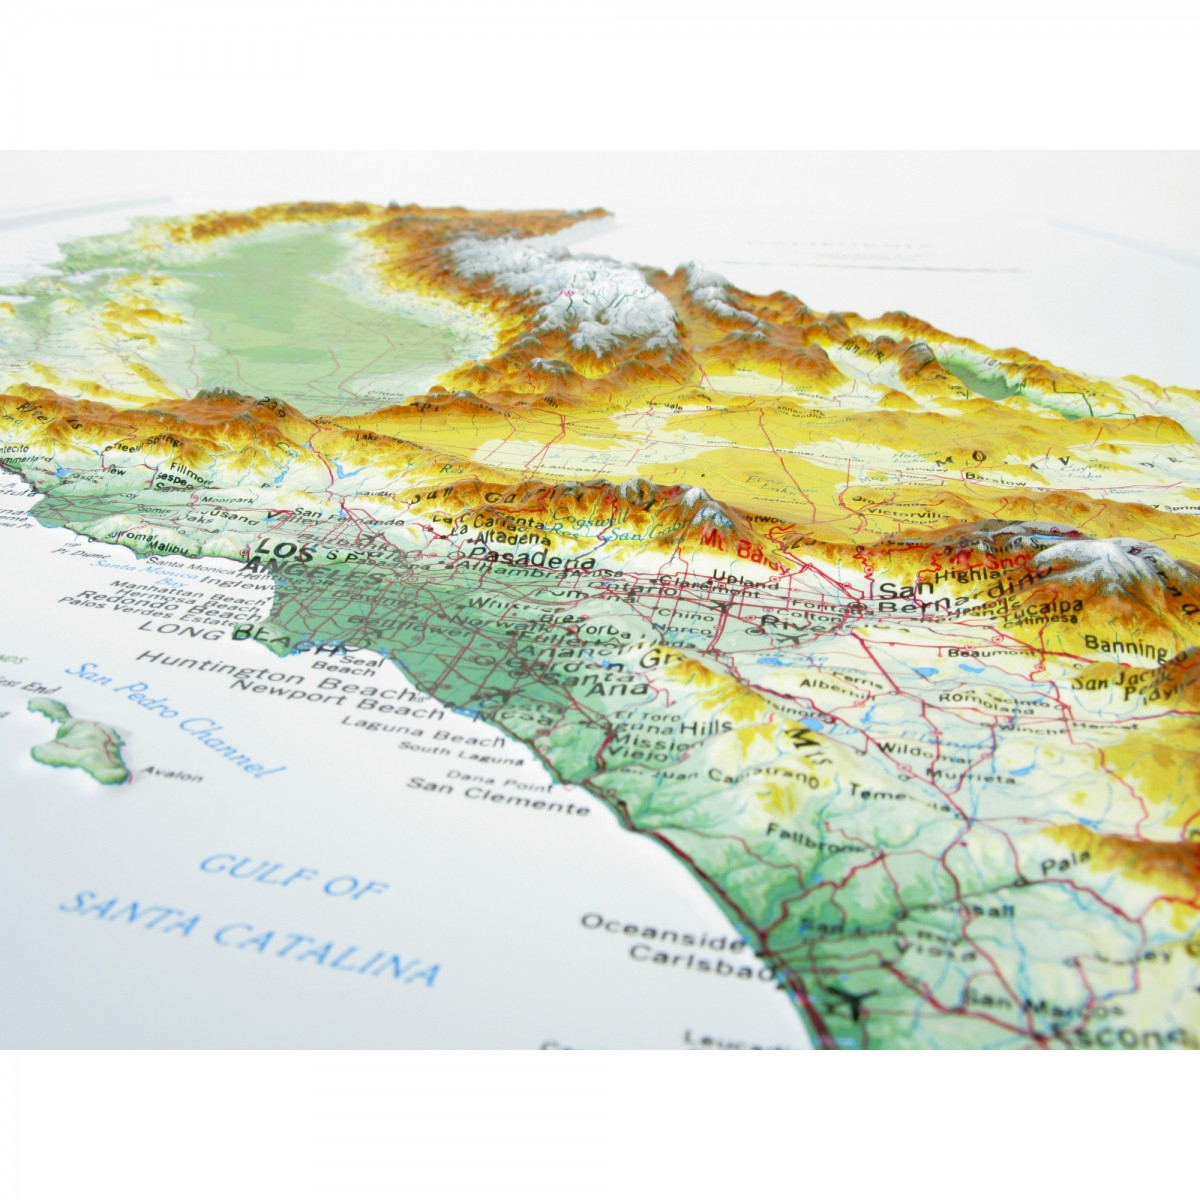 951 - California Raised Relief Map - California Relief Map